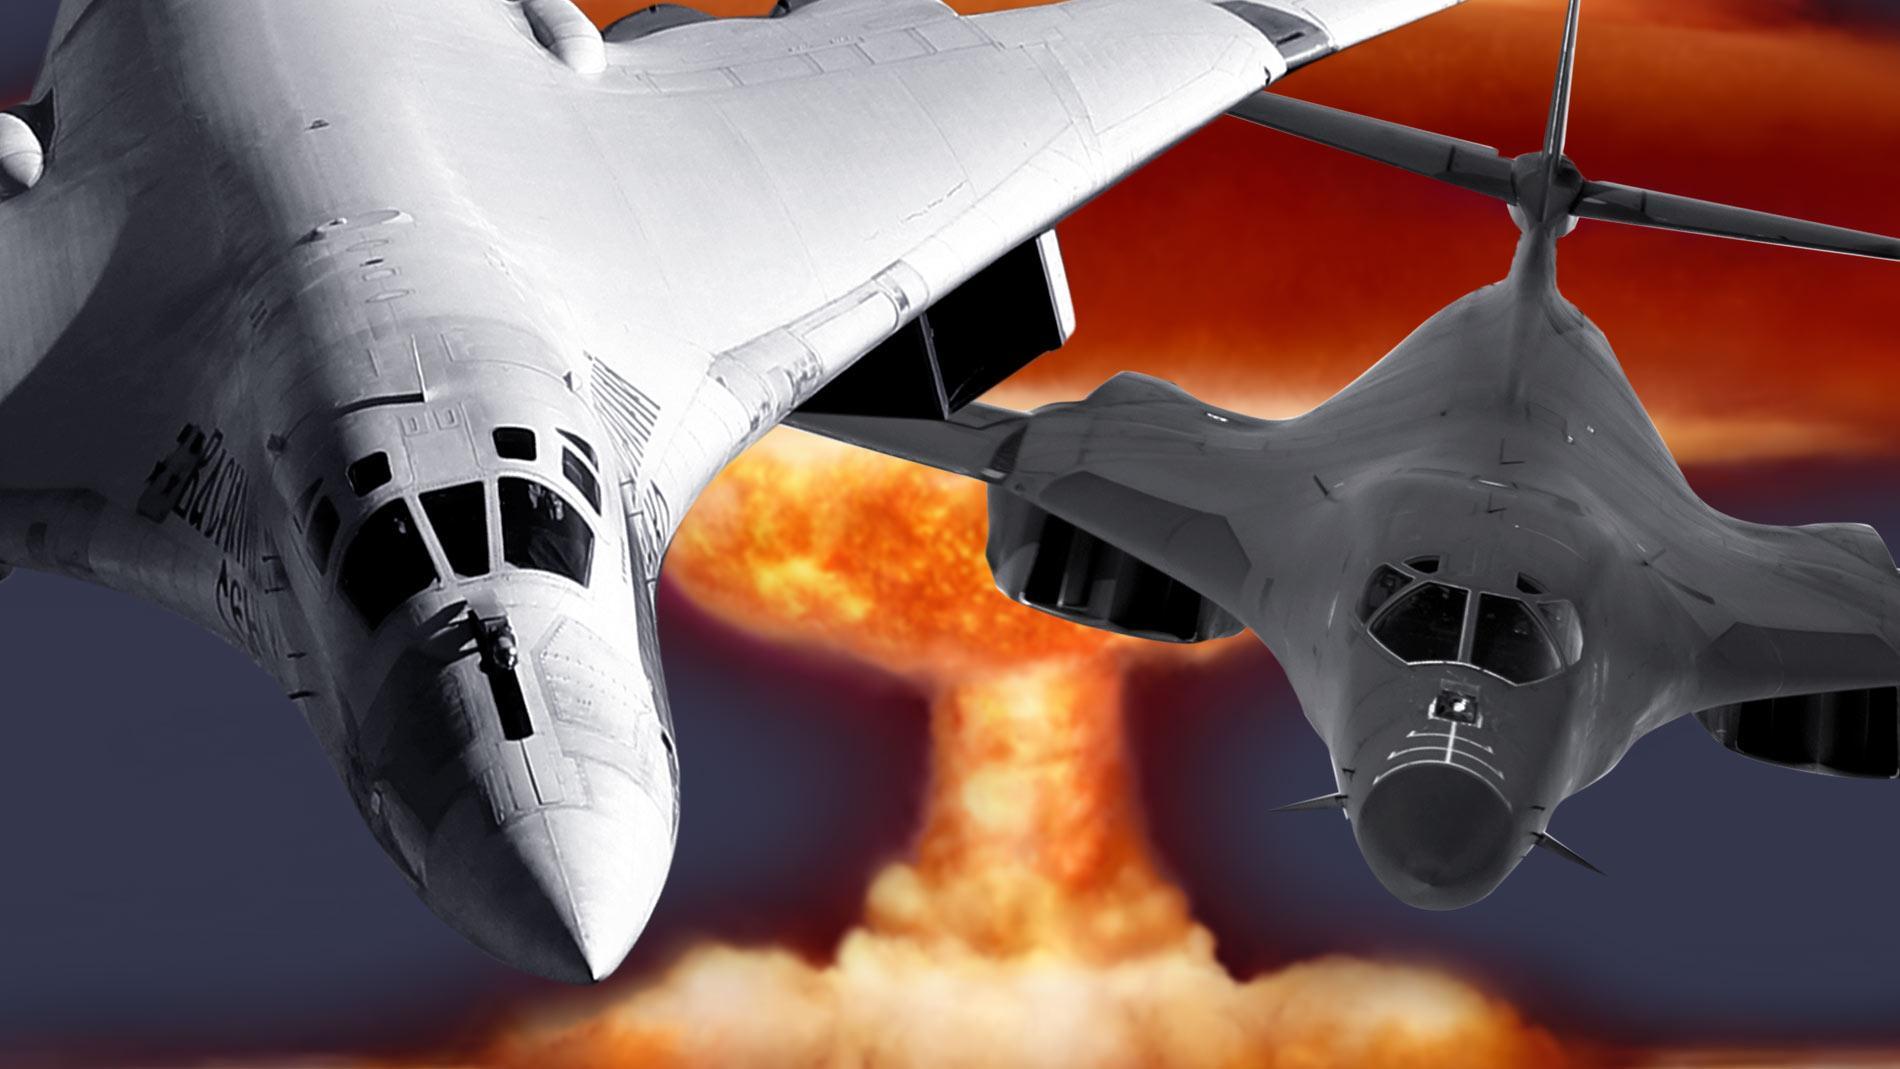 стратегические бомбардировщики россии